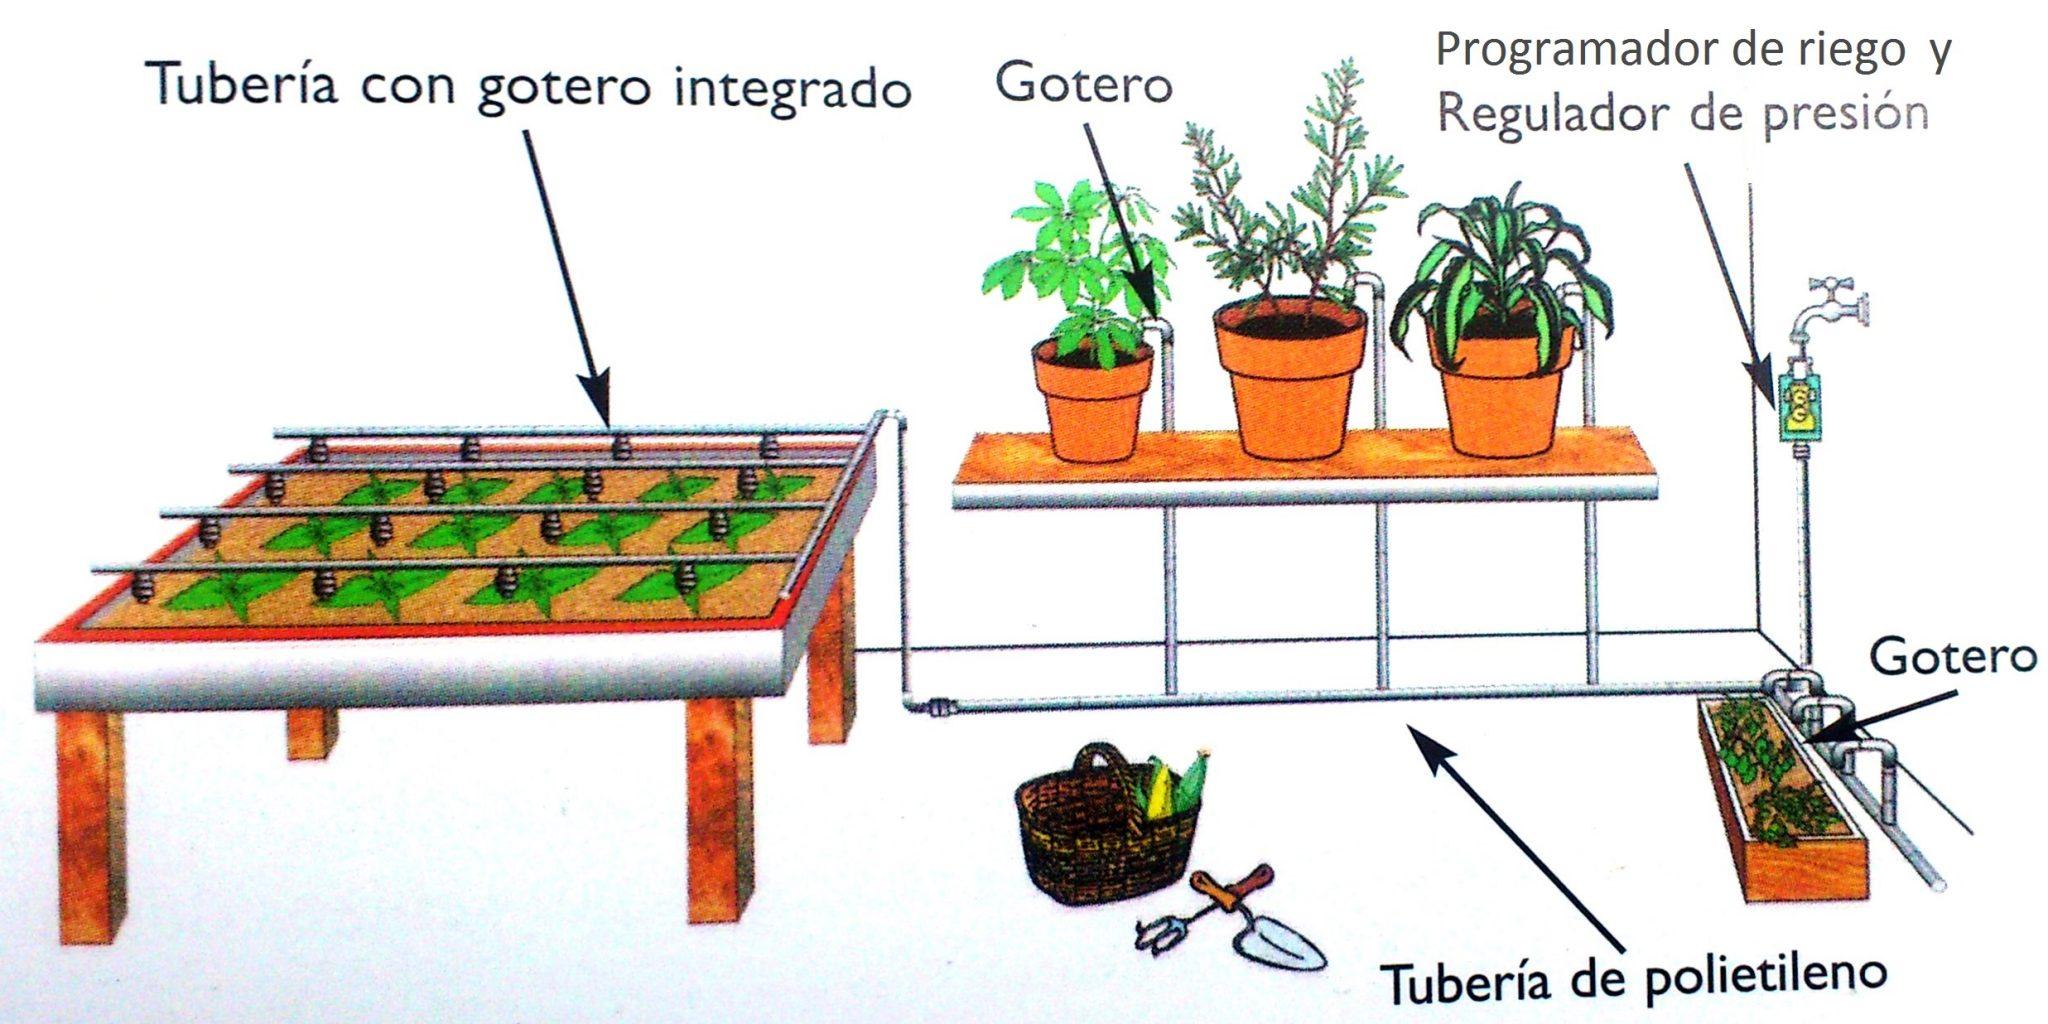 Riego por goteo gardeneas - Sistema de riego por goteo automatizado ...